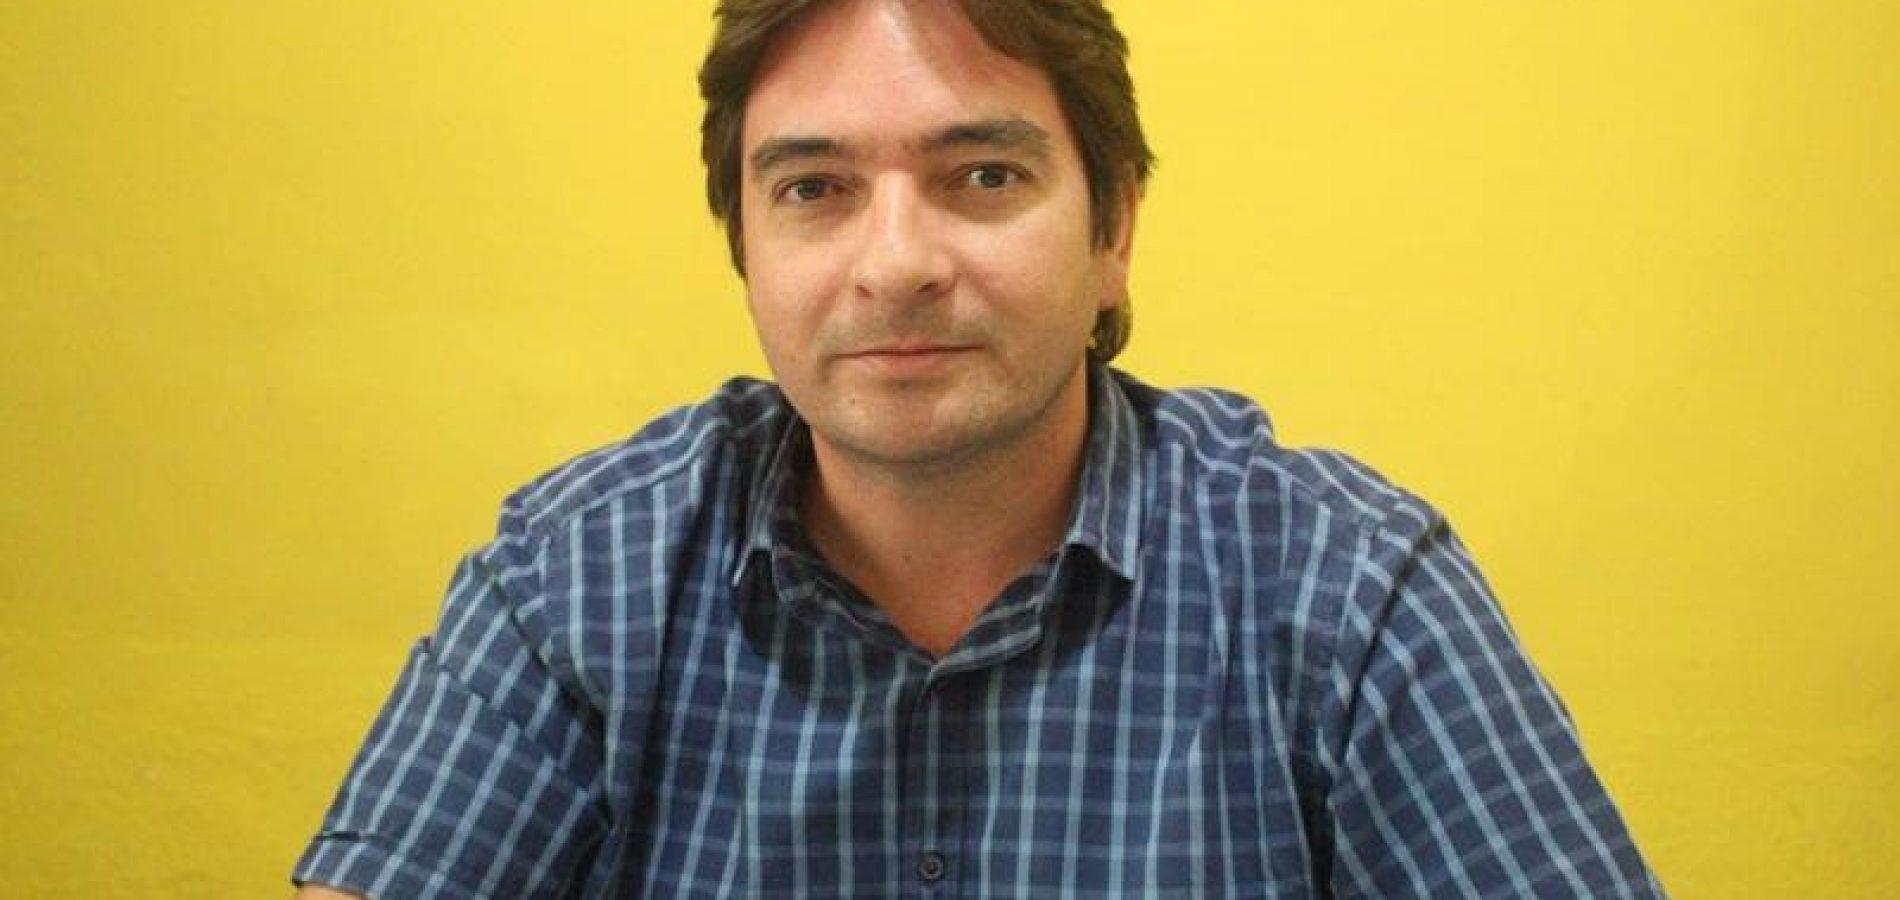 Agência de Empregos Digital será implantada em Picos